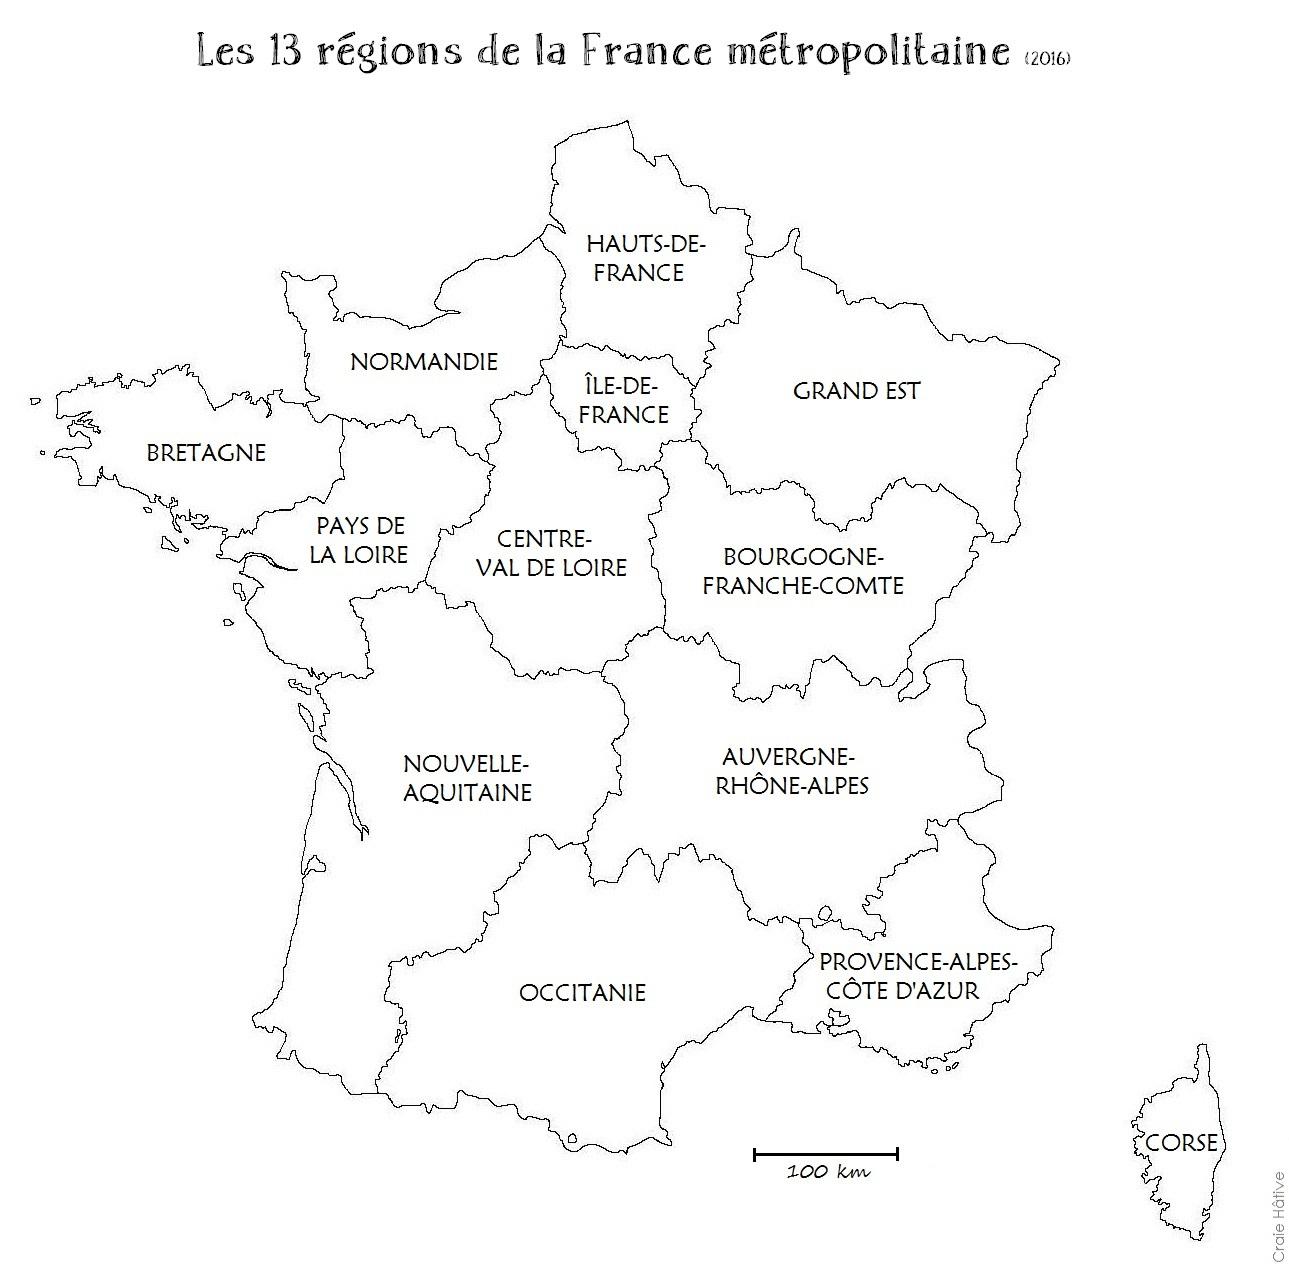 Cartes Des Régions De La France Métropolitaine - 2016 tout Carte De France Des Régions Vierge